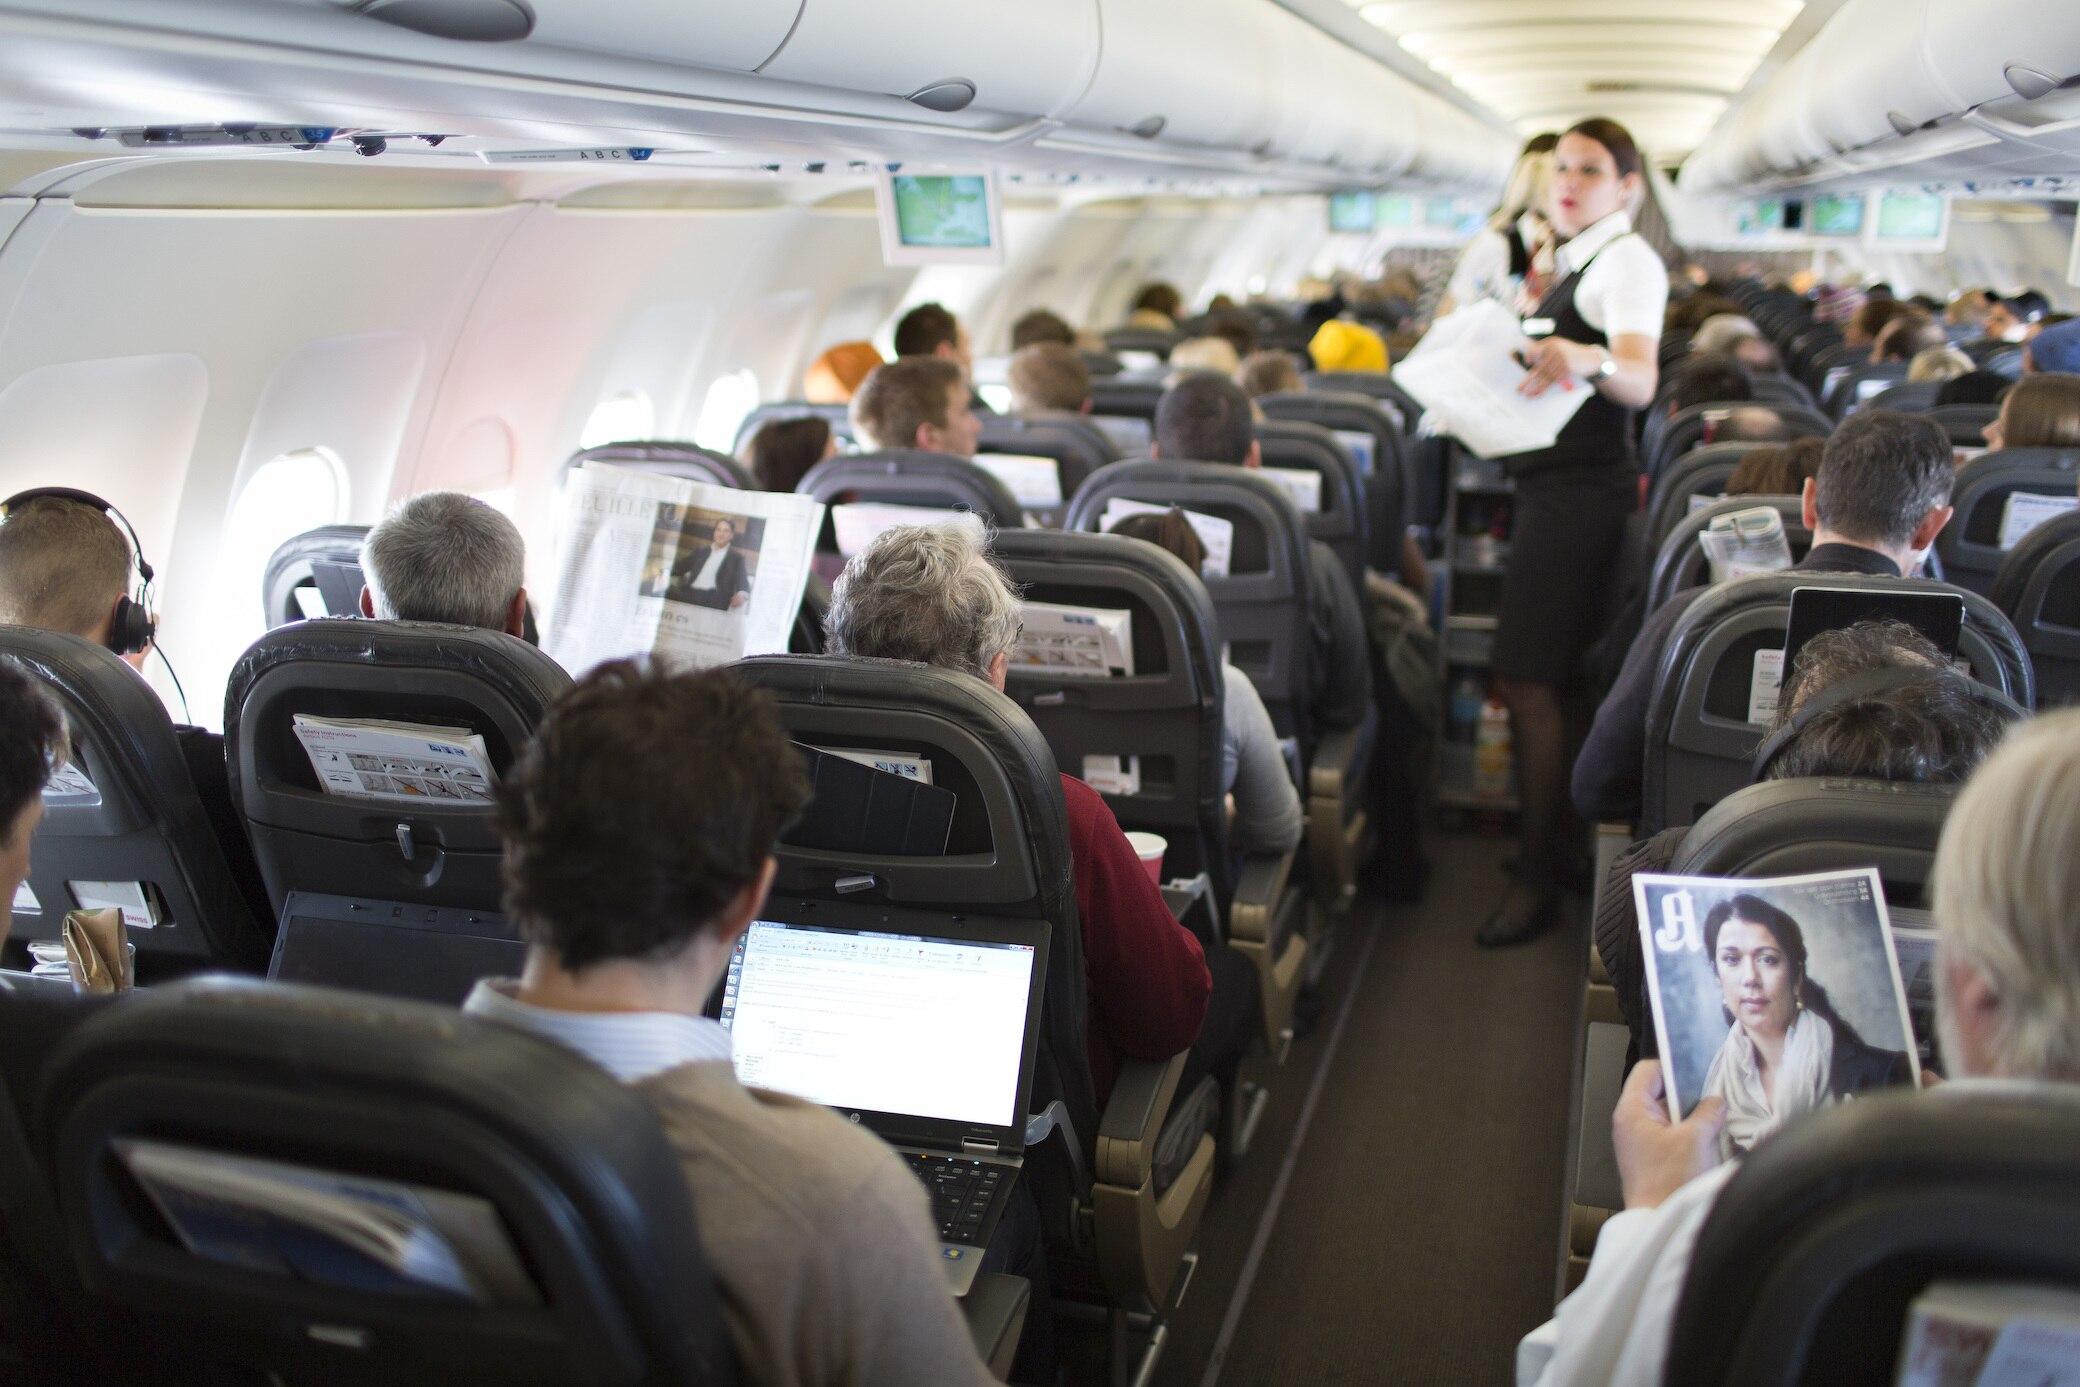 So schlimm benehmen sich manche Fluggäste!